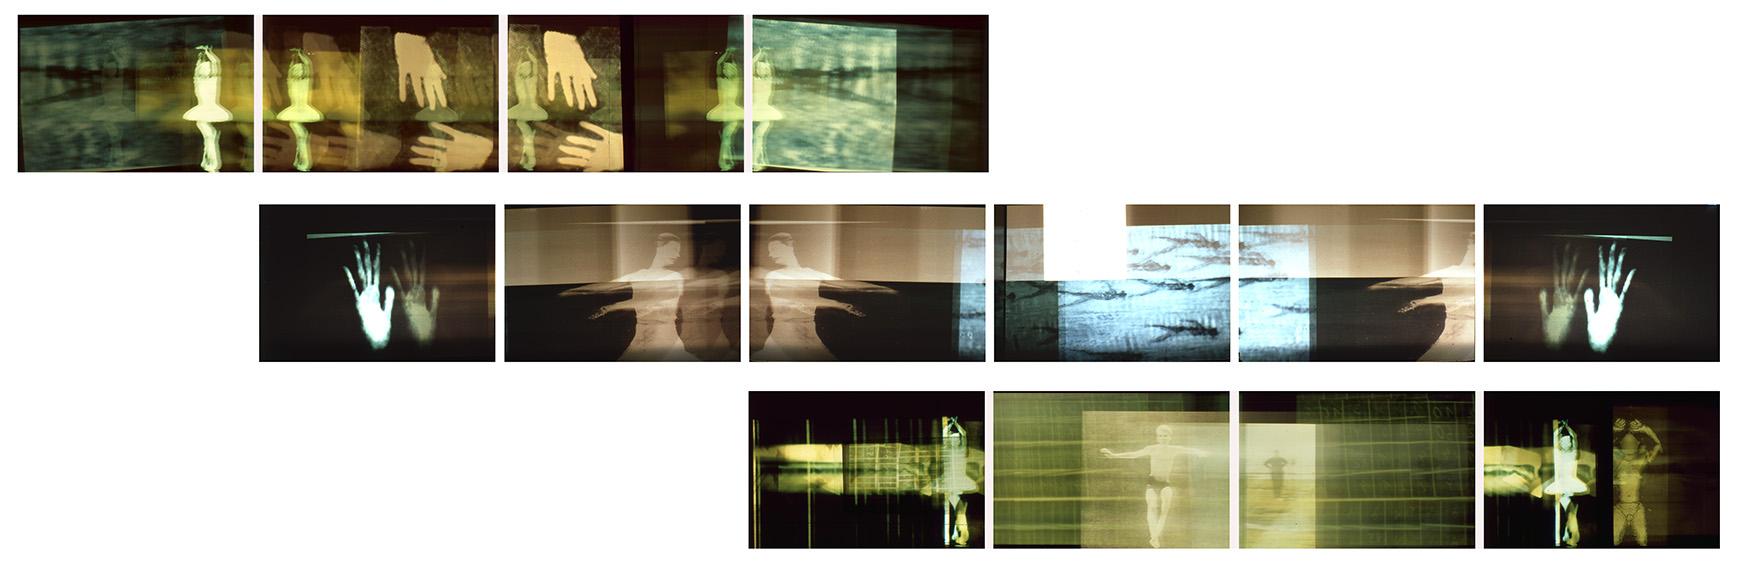 Fotografische Bildsequenzen